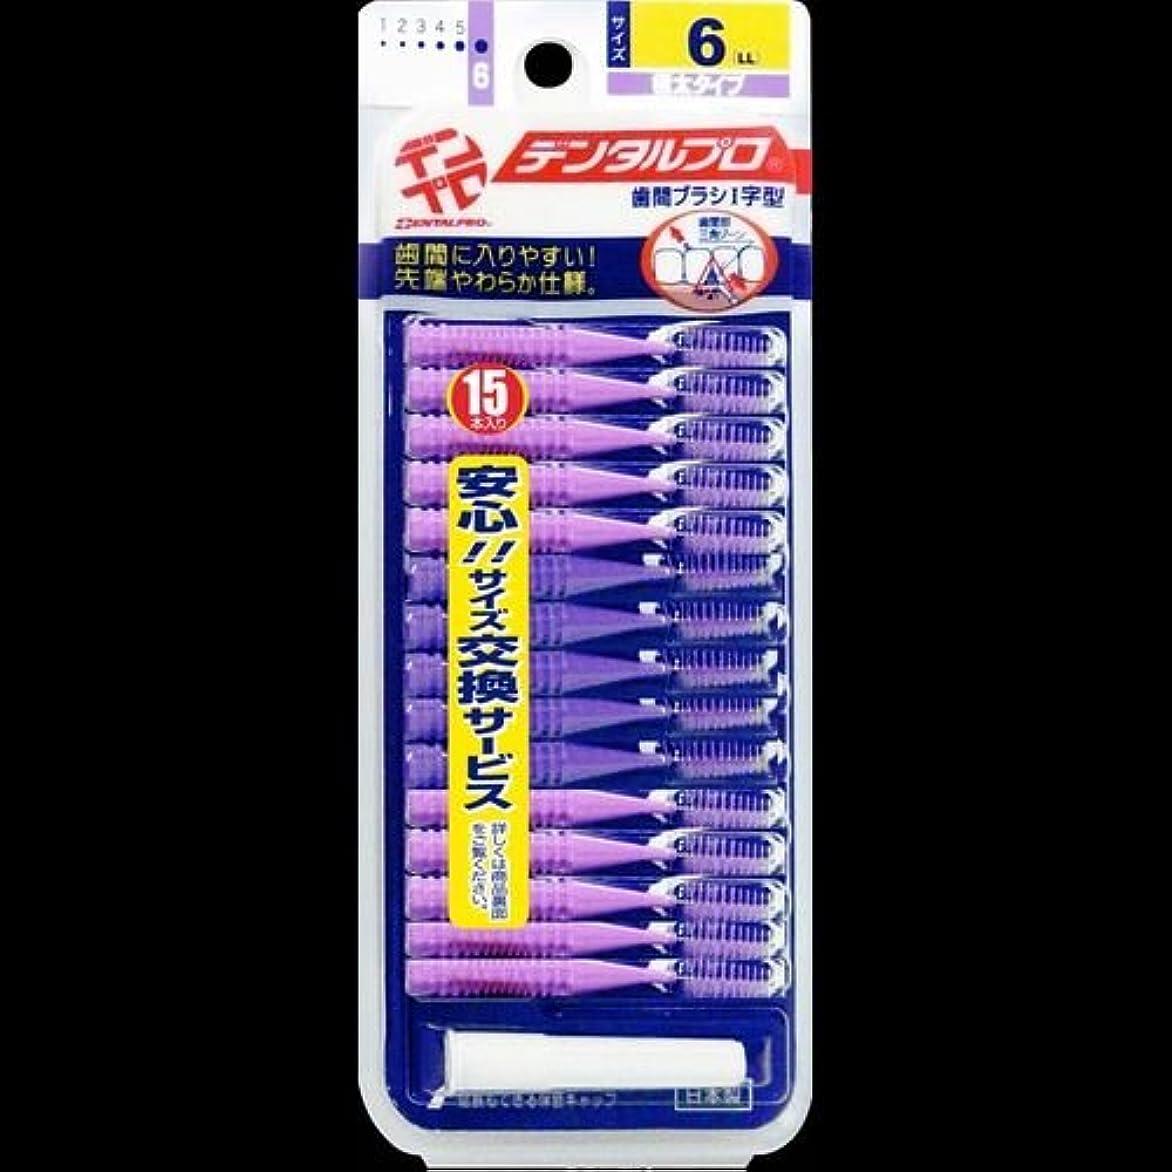 ネズミエレクトロニック受粉するデンタルプロ 歯間ブラシ 15本入 サイズ6(LL) ×2セット